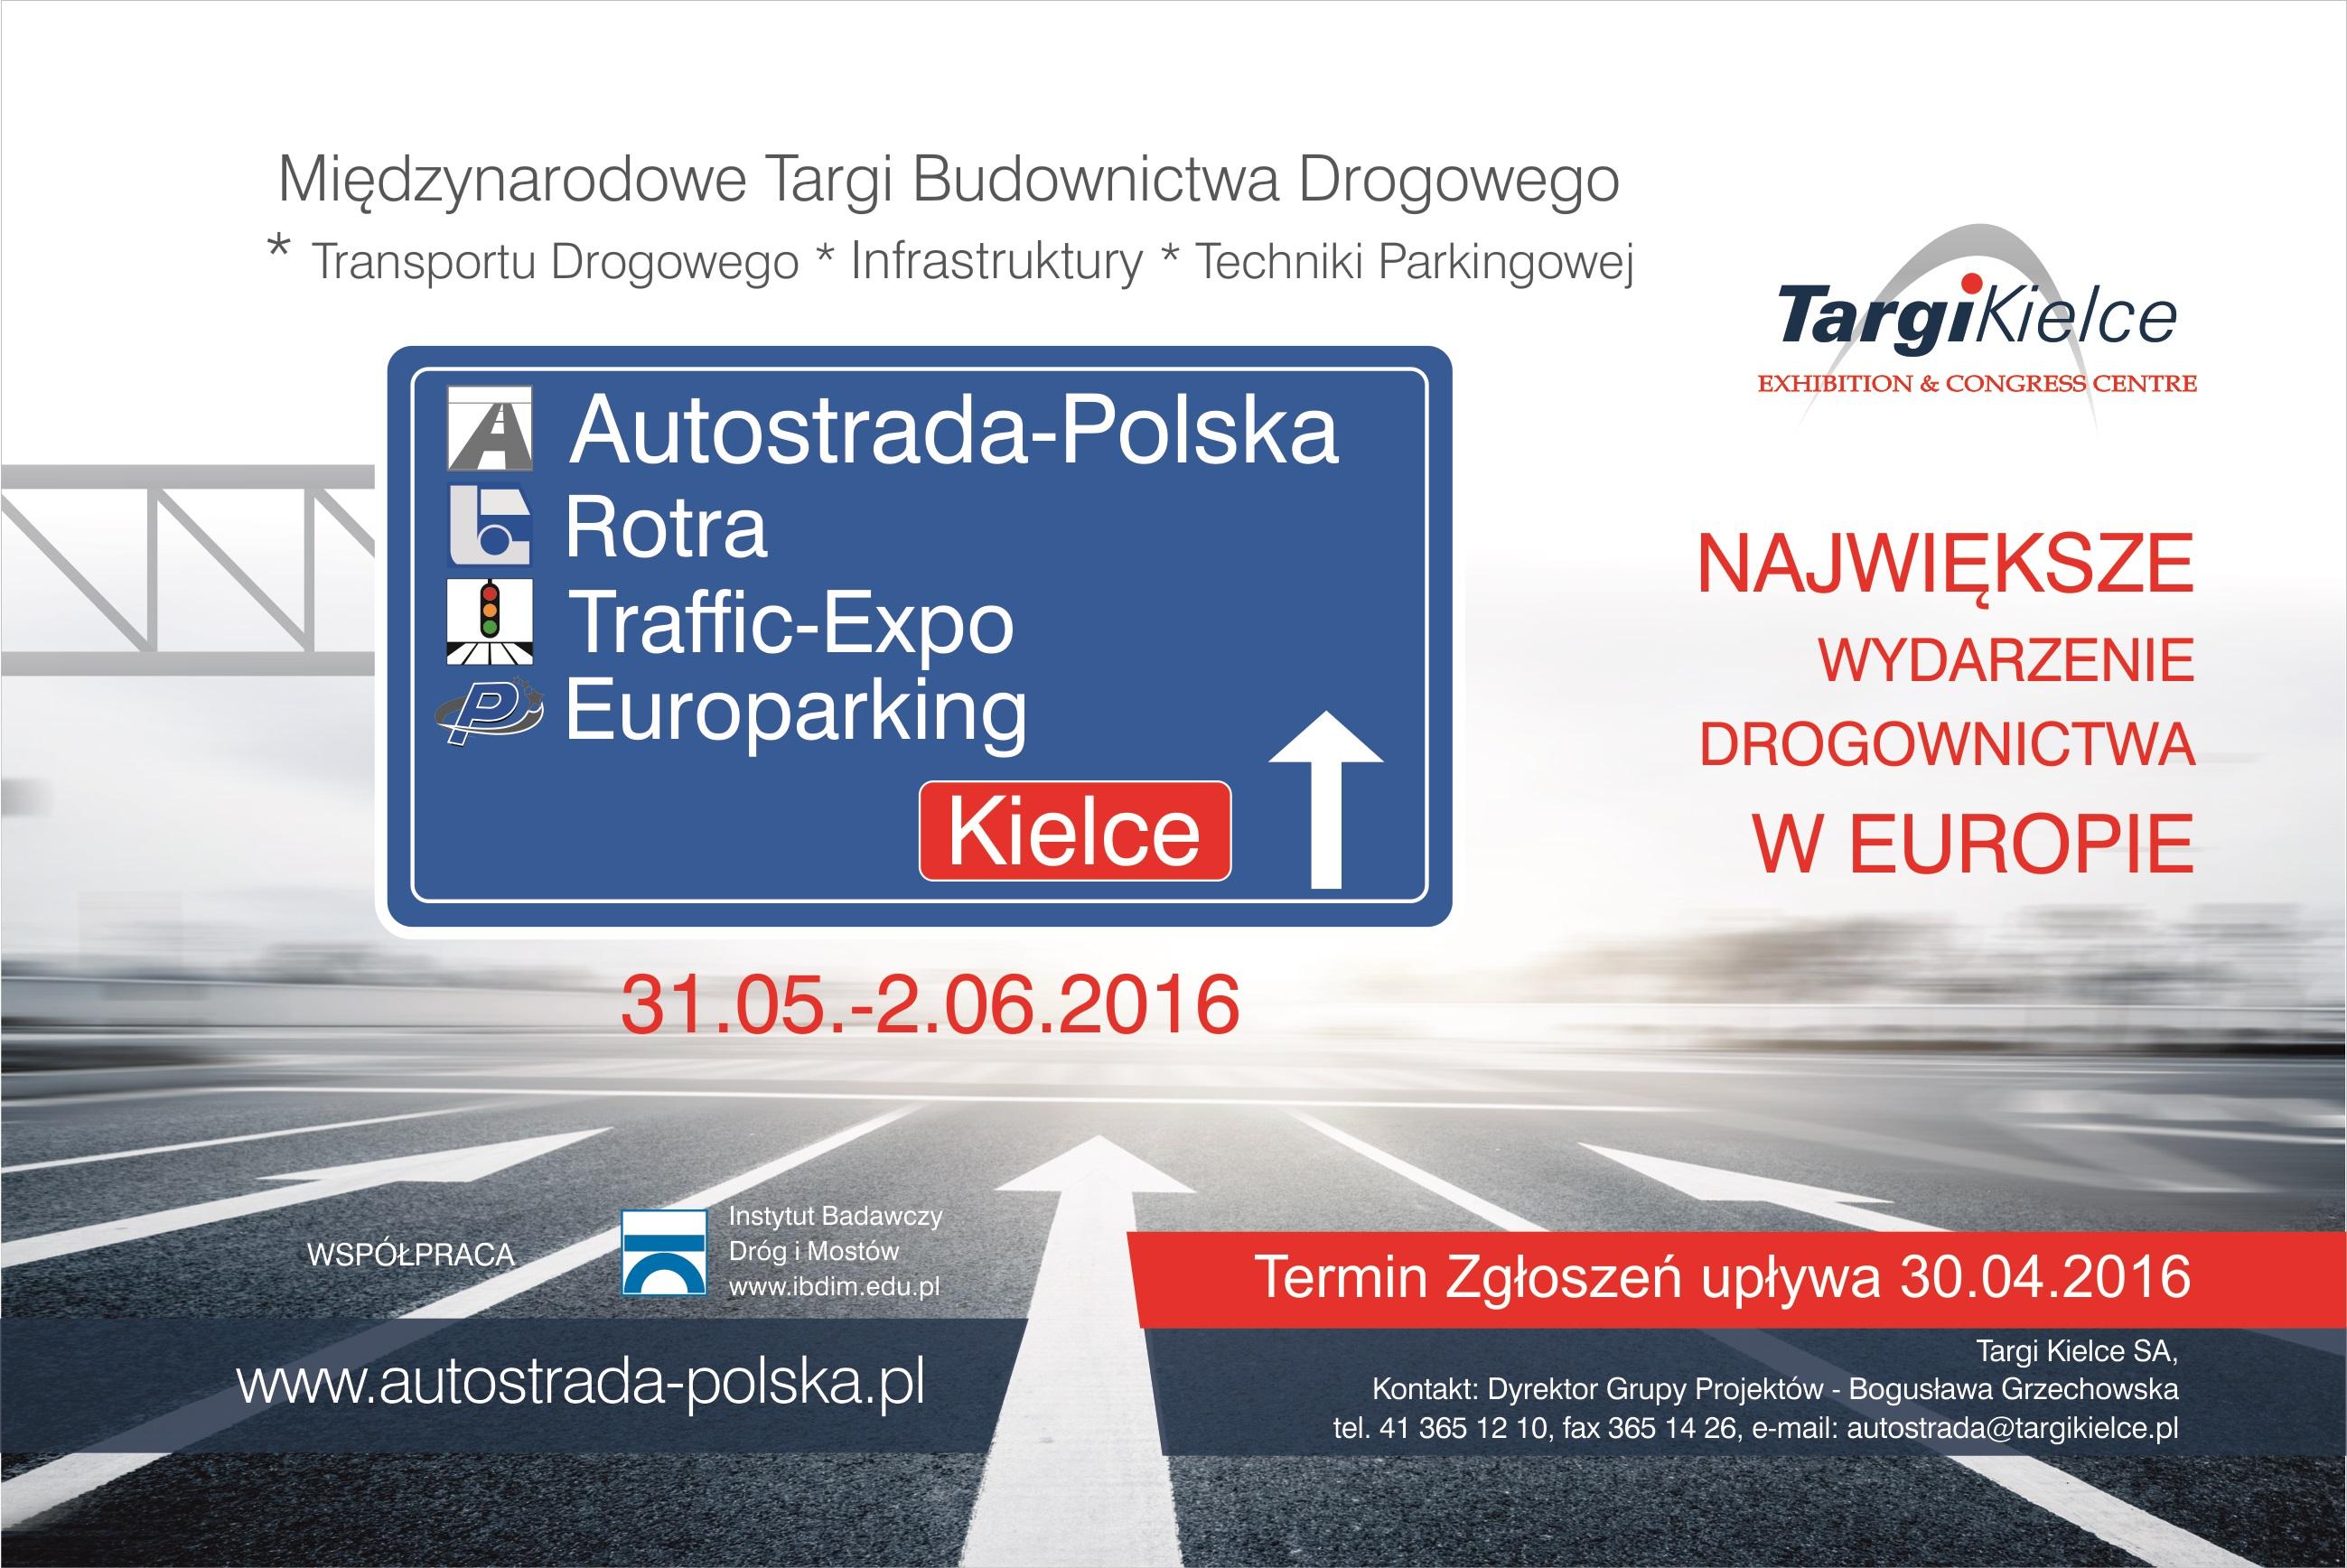 XXII MIĘDZYNARODOWE TARGI BUDOWNICTWA DROGOWEGO AUTOSTRADA-POLSKA